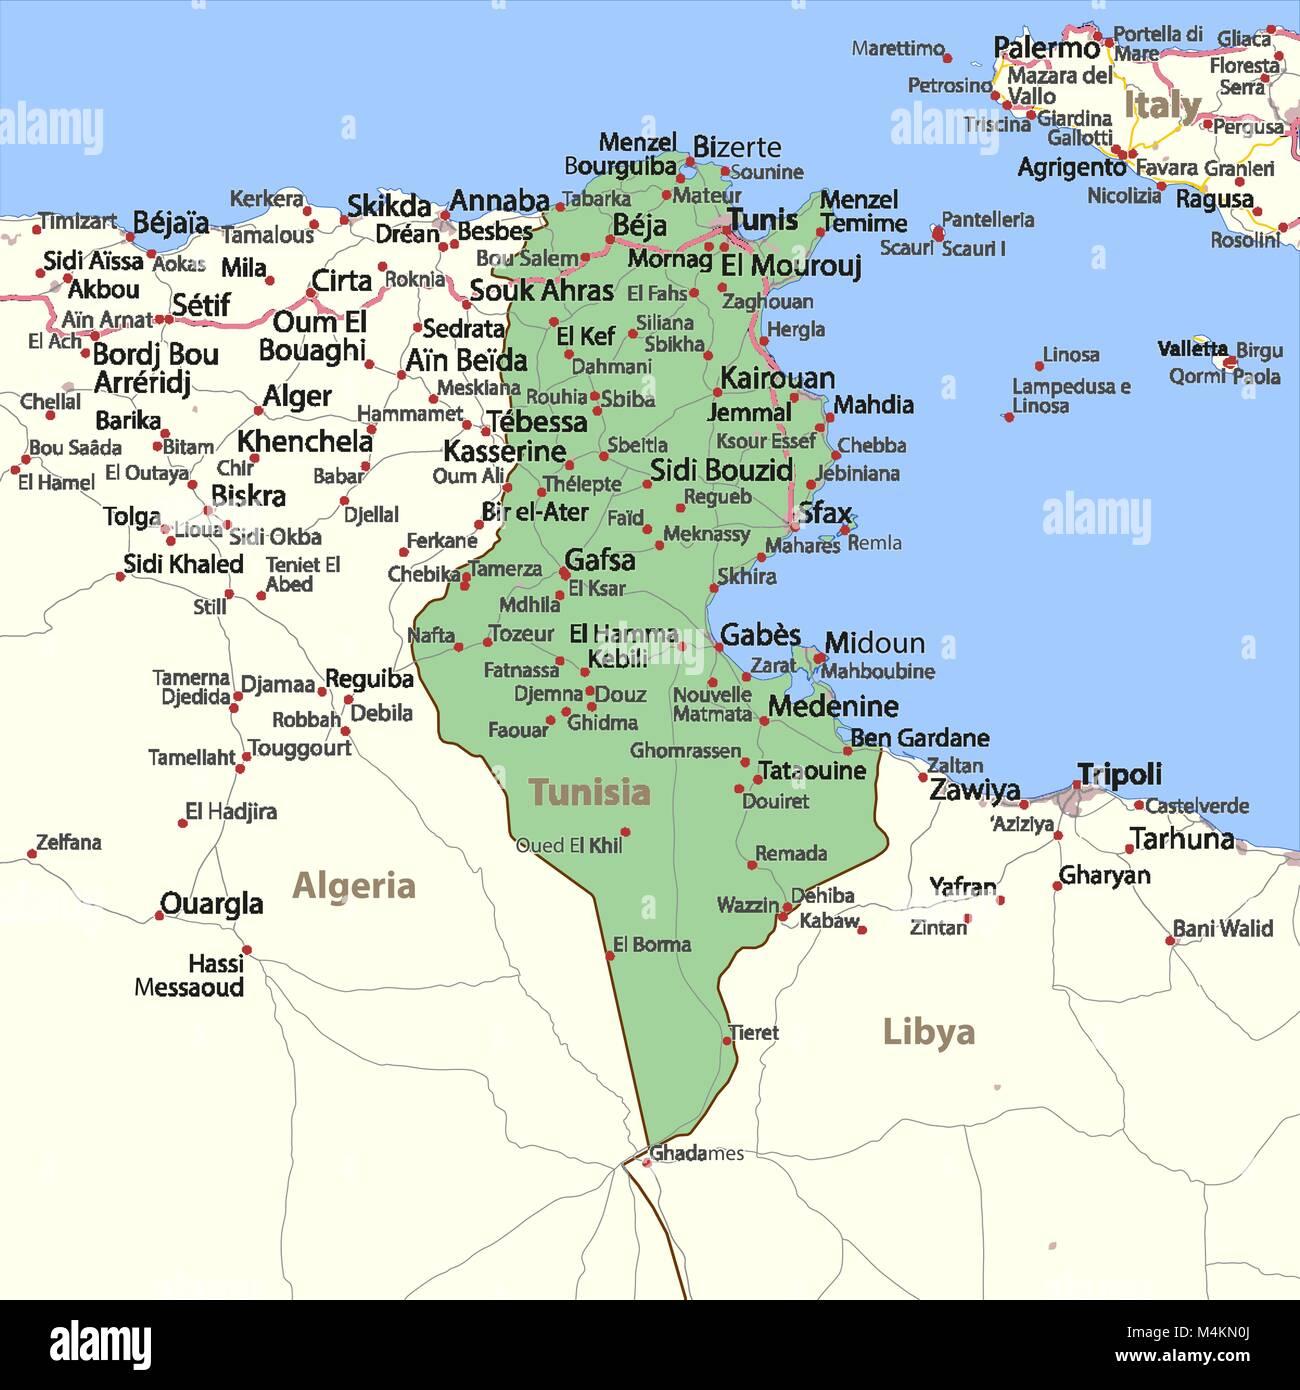 Tunesien Karte.Karte Von Tunesien Zeigt Die Landergrenzen Stadtischen